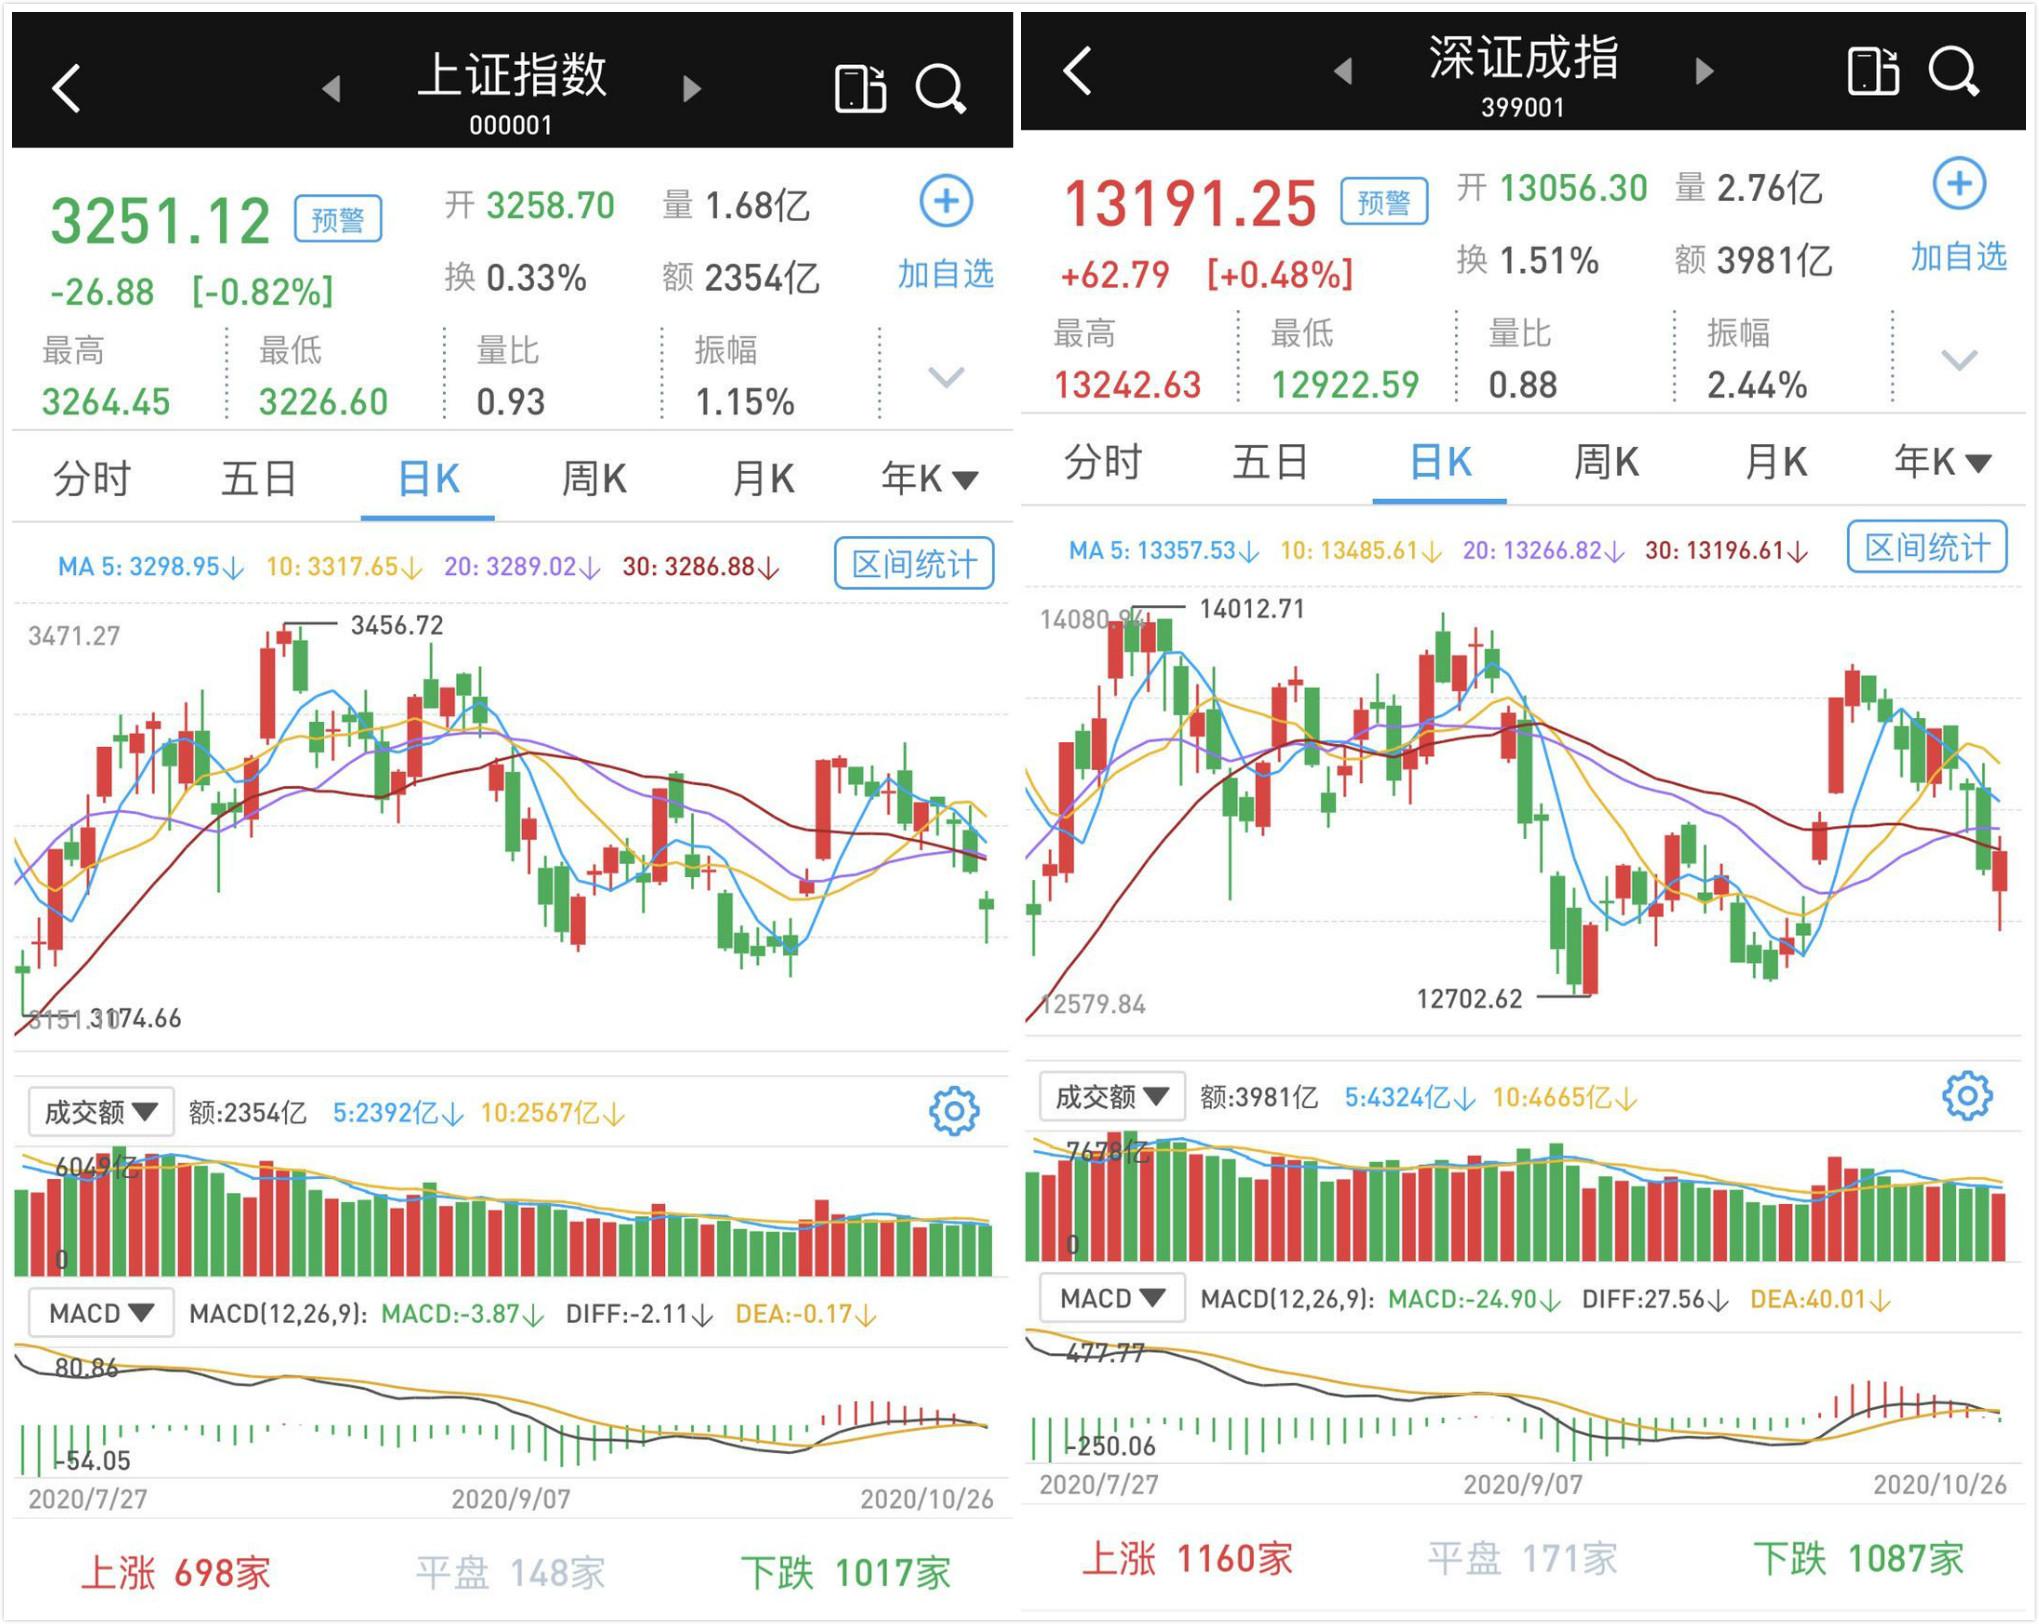 权重股疲软:沪深两市涨跌互现 成交已萎缩至不足6400亿